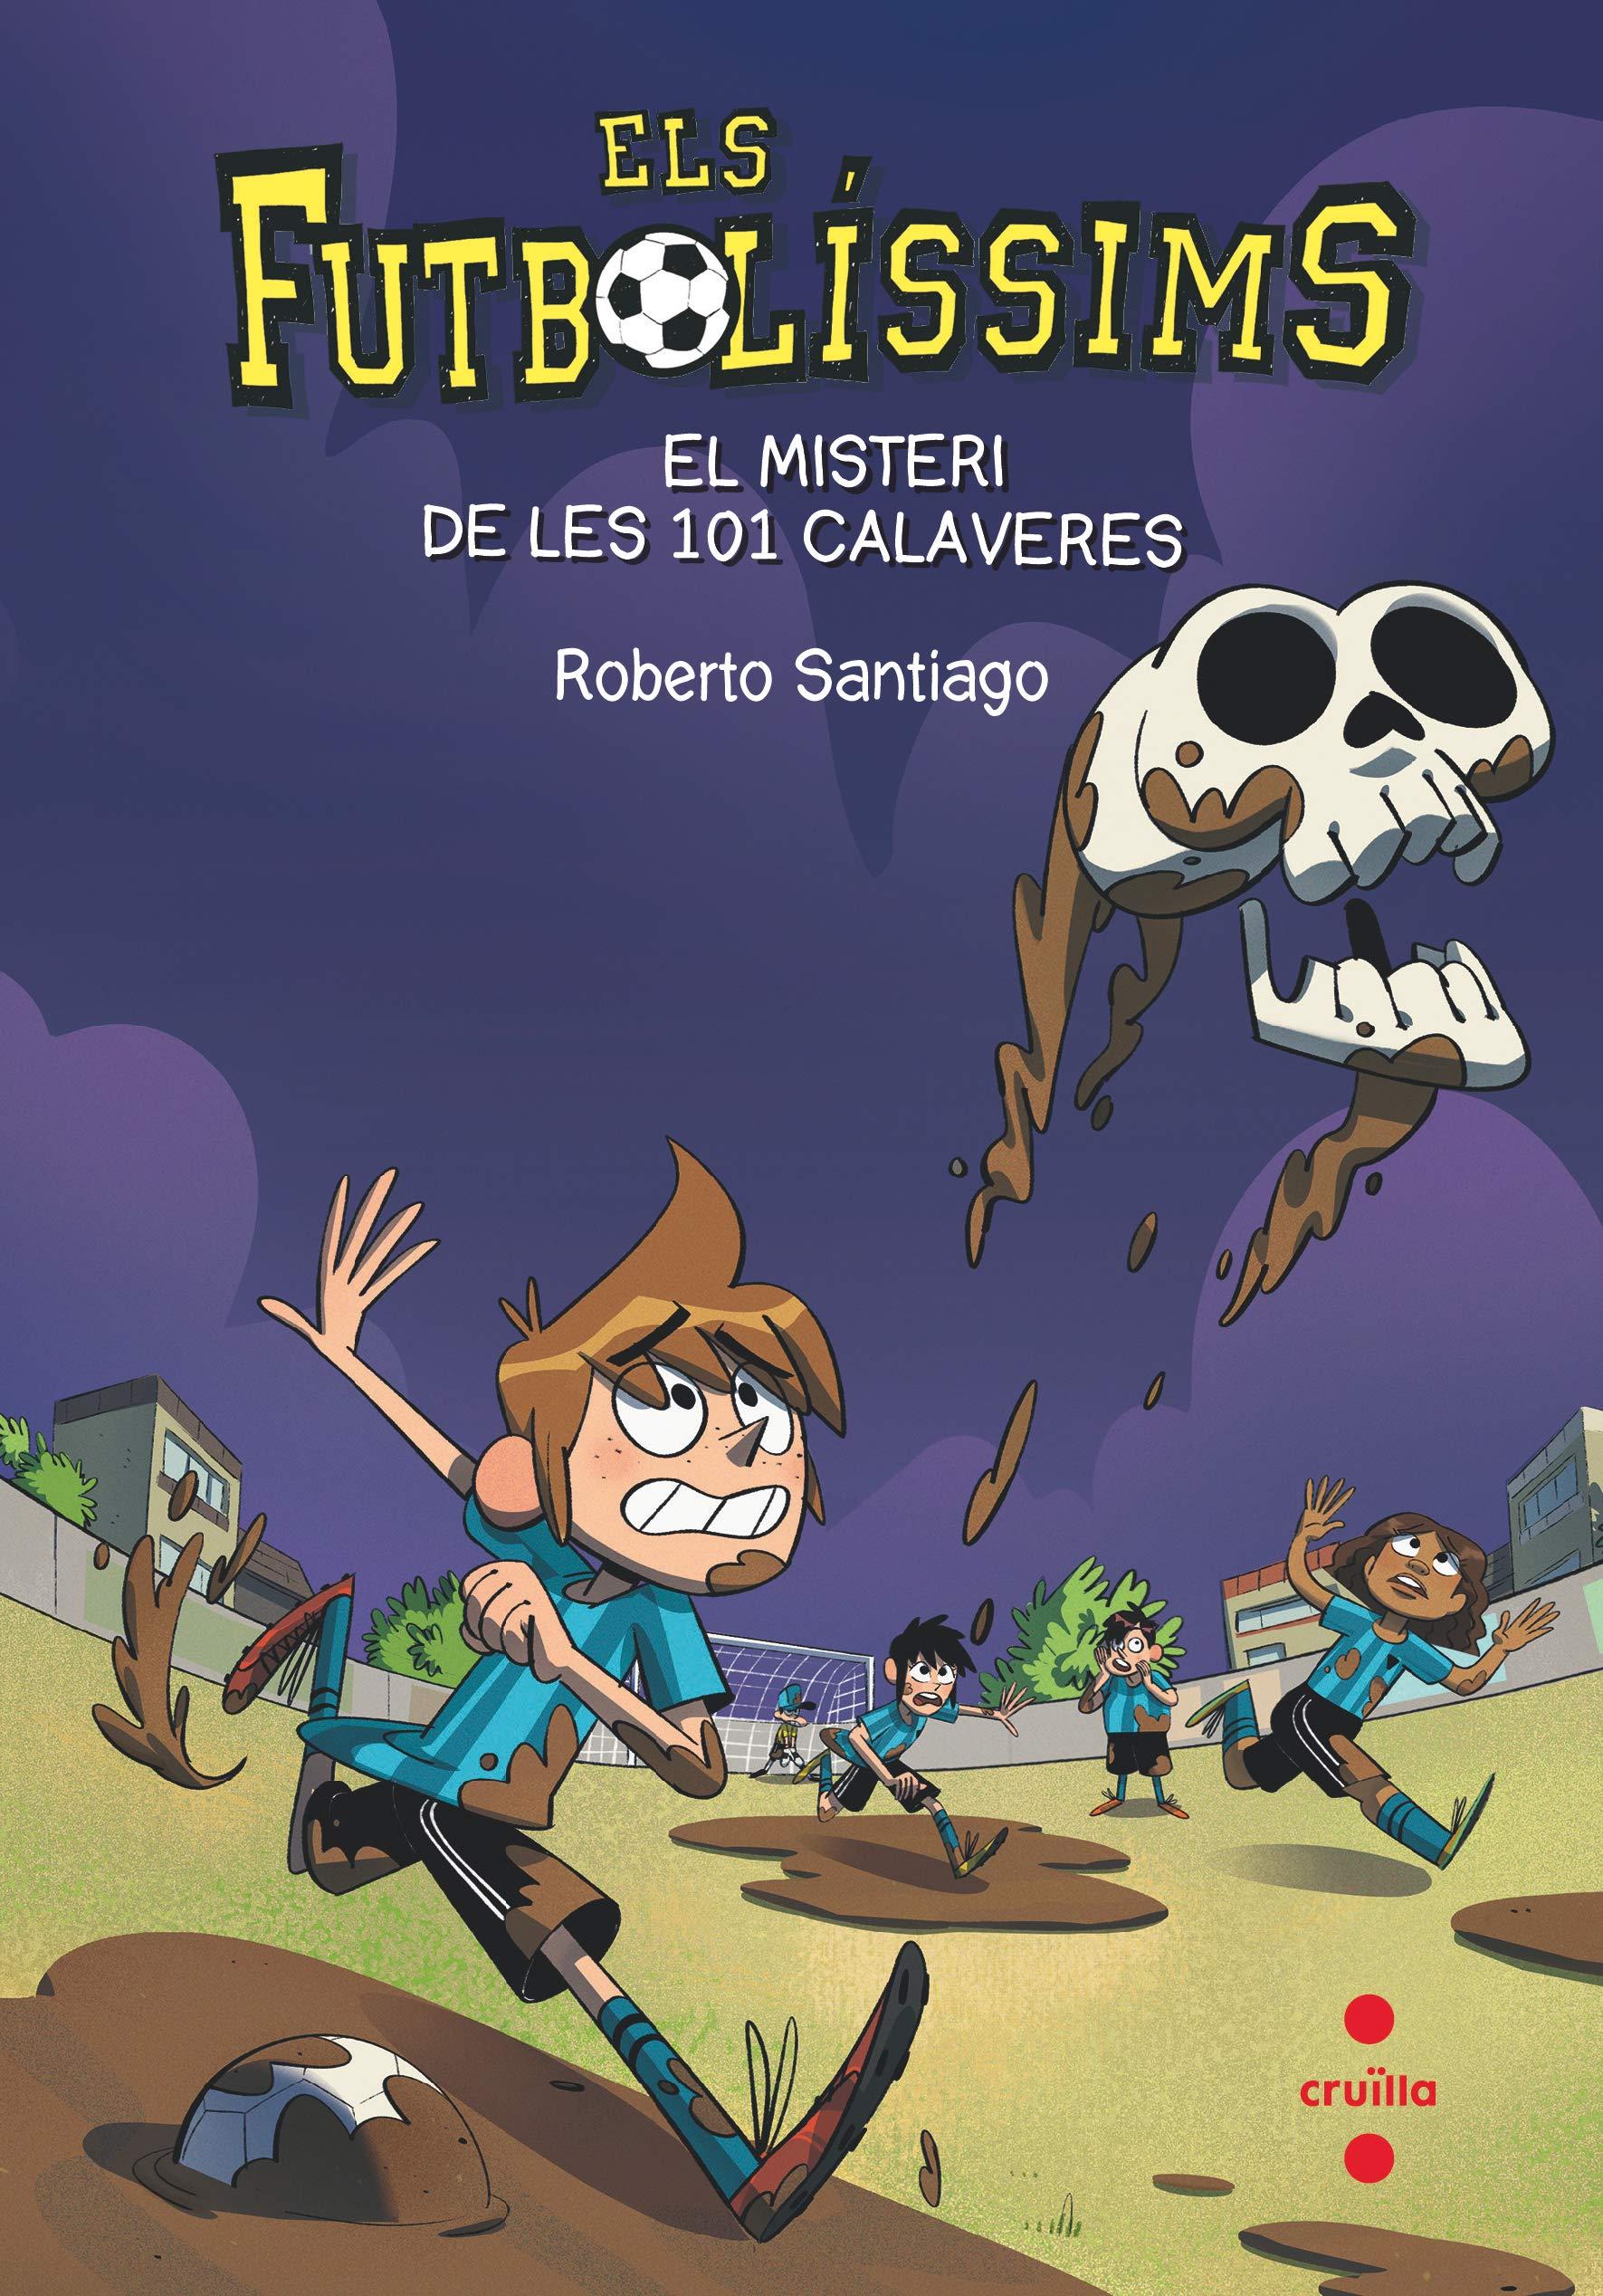 El misteri de les 101 calaveres (Los Futbolísimos) por Roberto Santiago